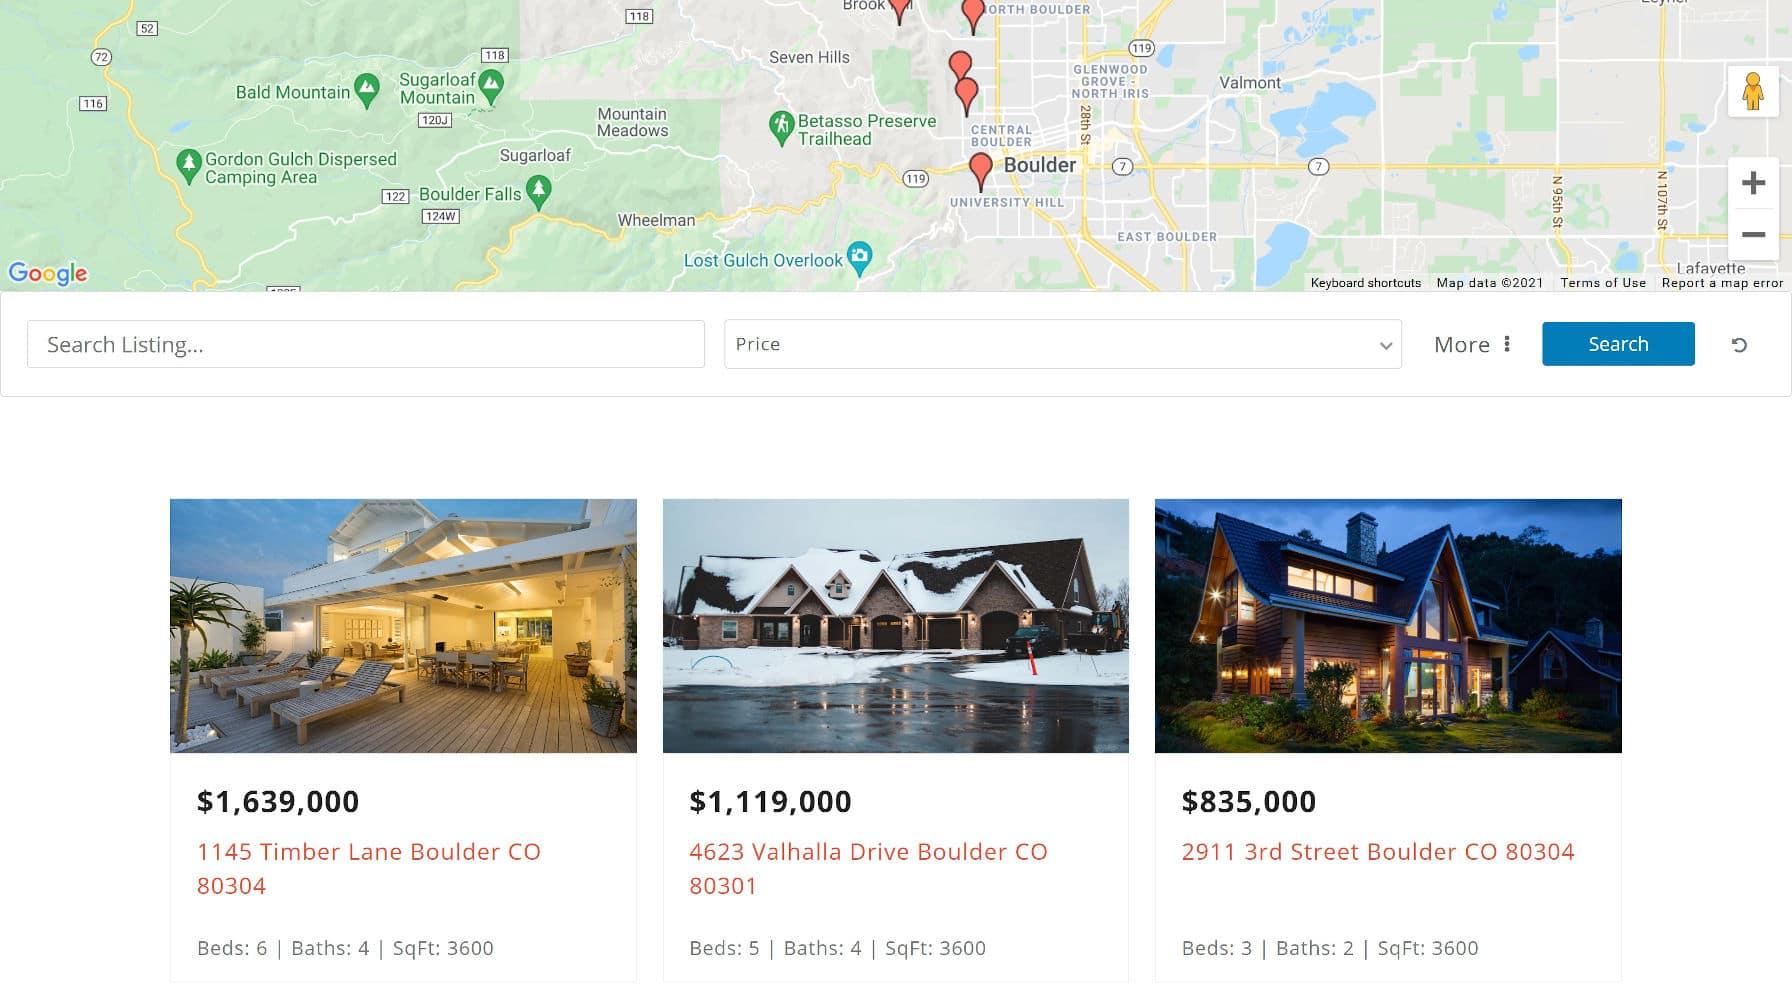 TeslaThemes Rebrands, Shifts Focus to Real Estate Market